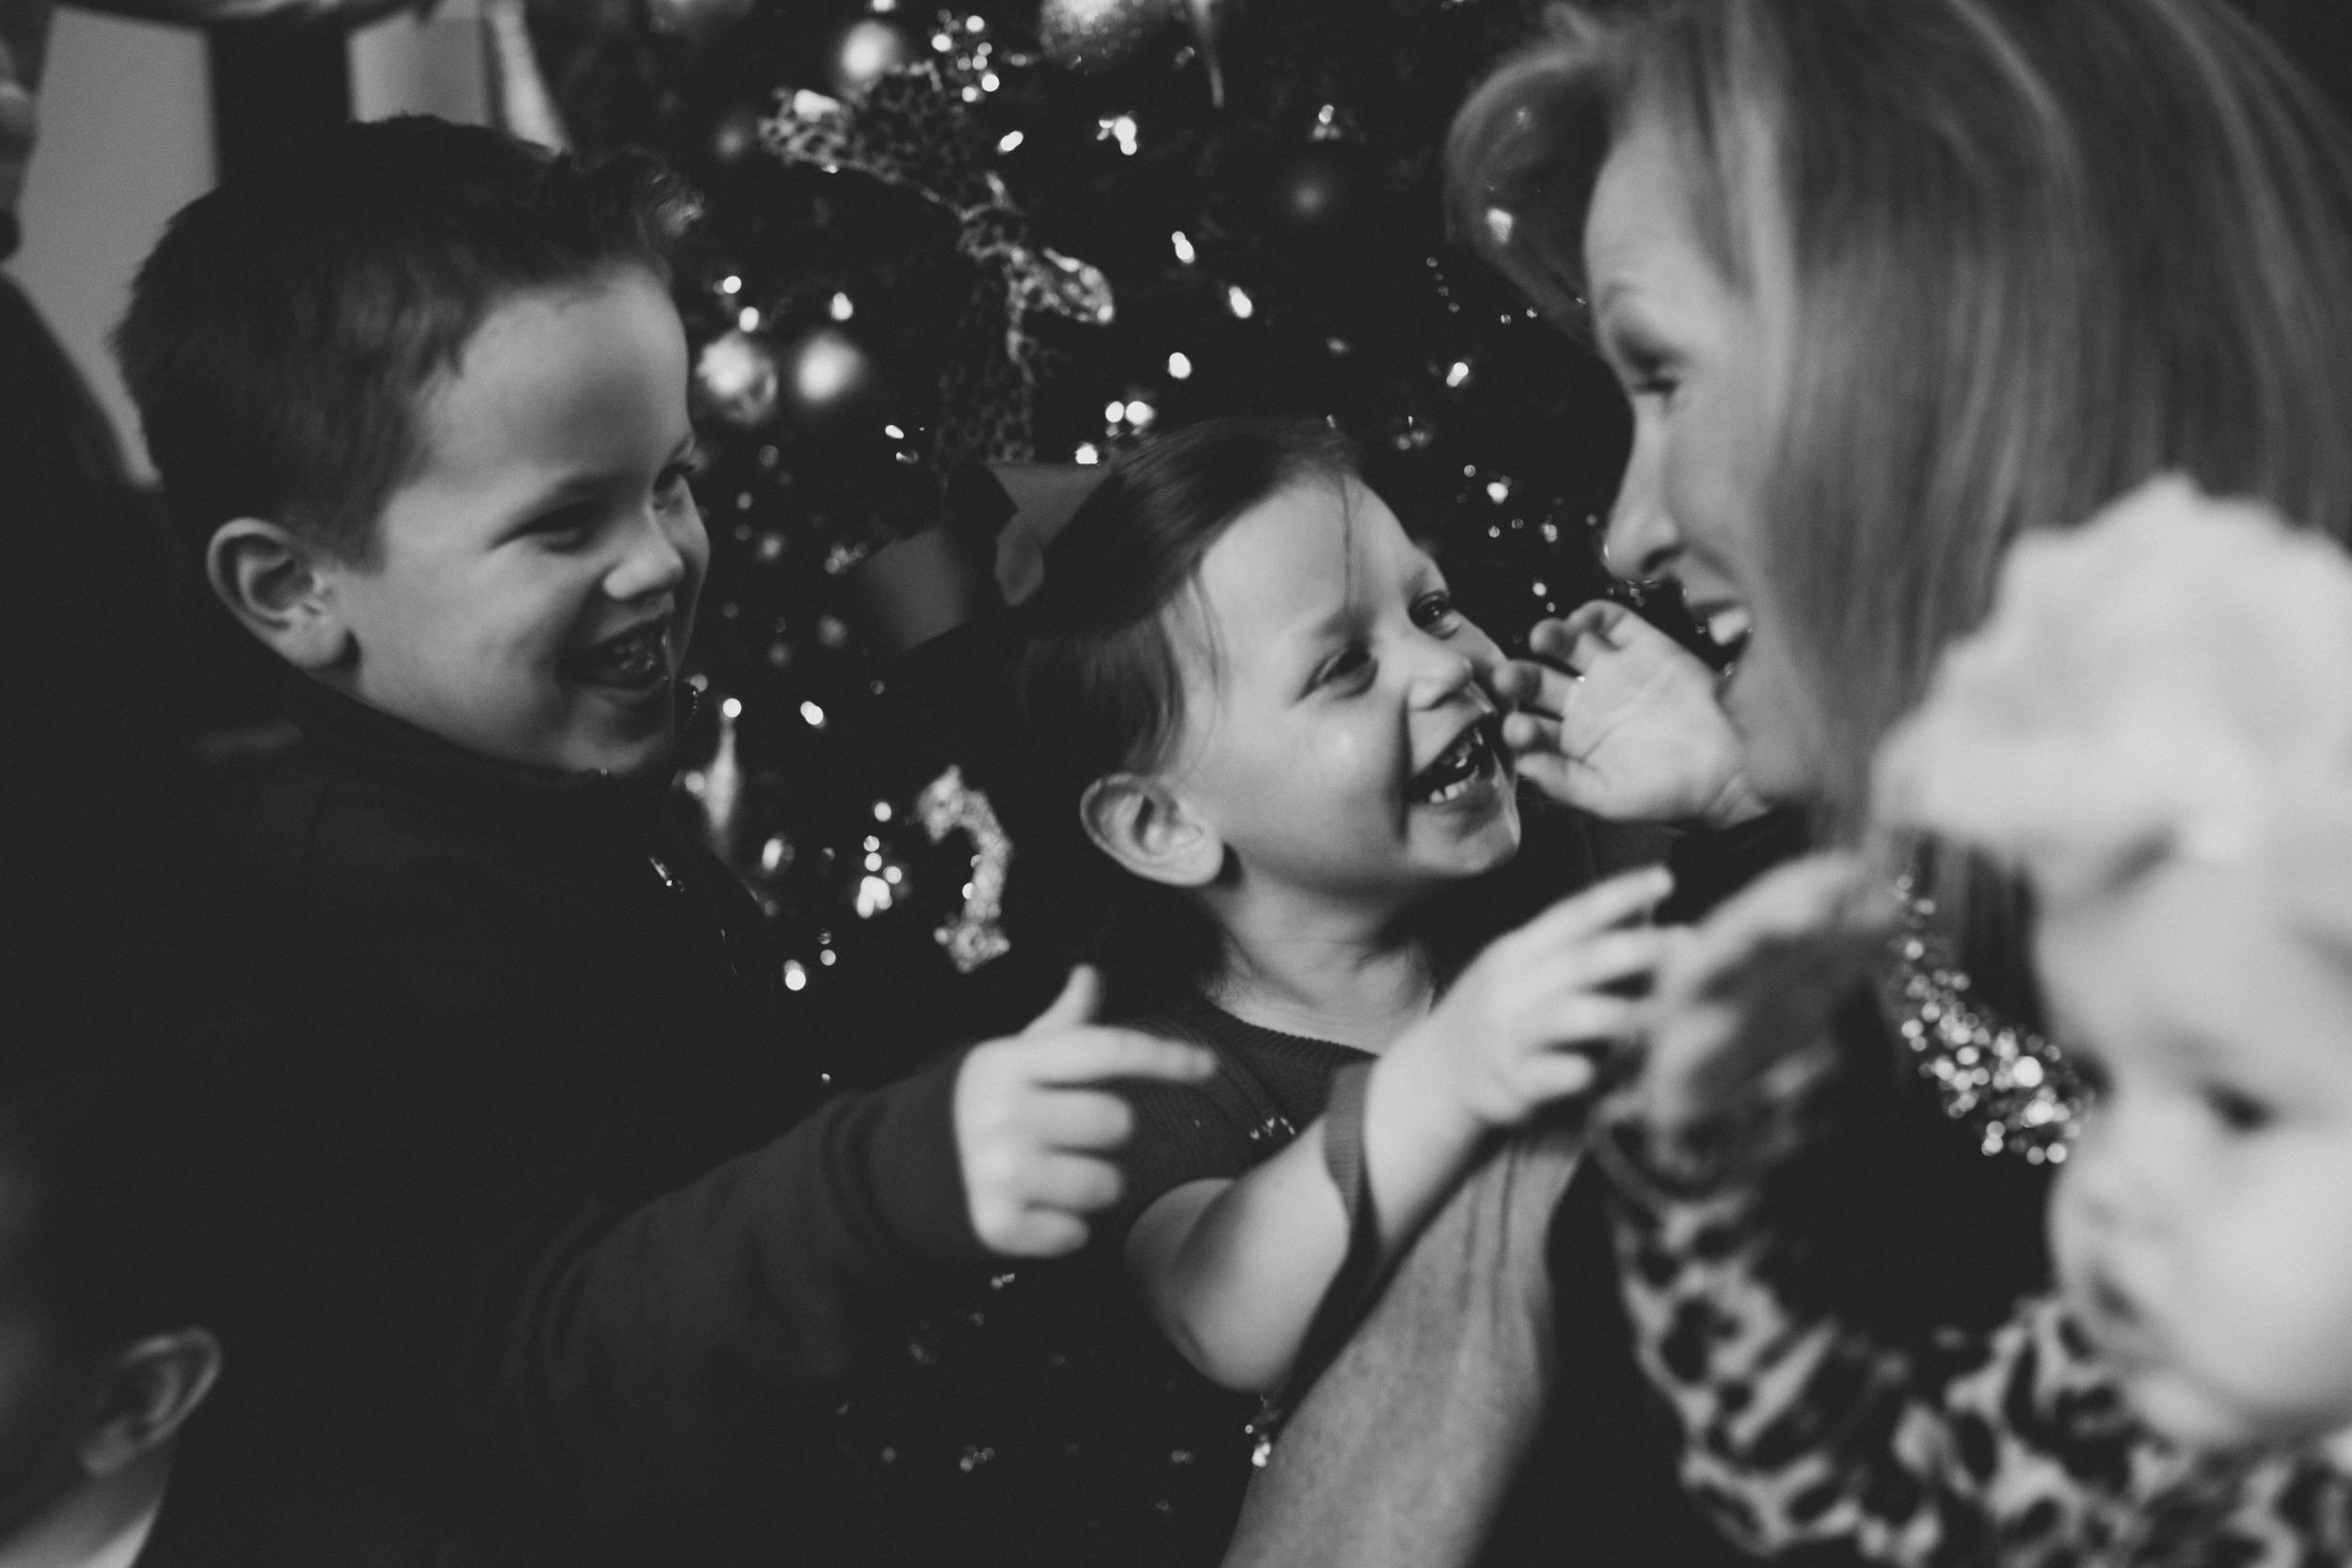 houstonfamilyphotographer-h2014-greer-greerfam-138.jpg